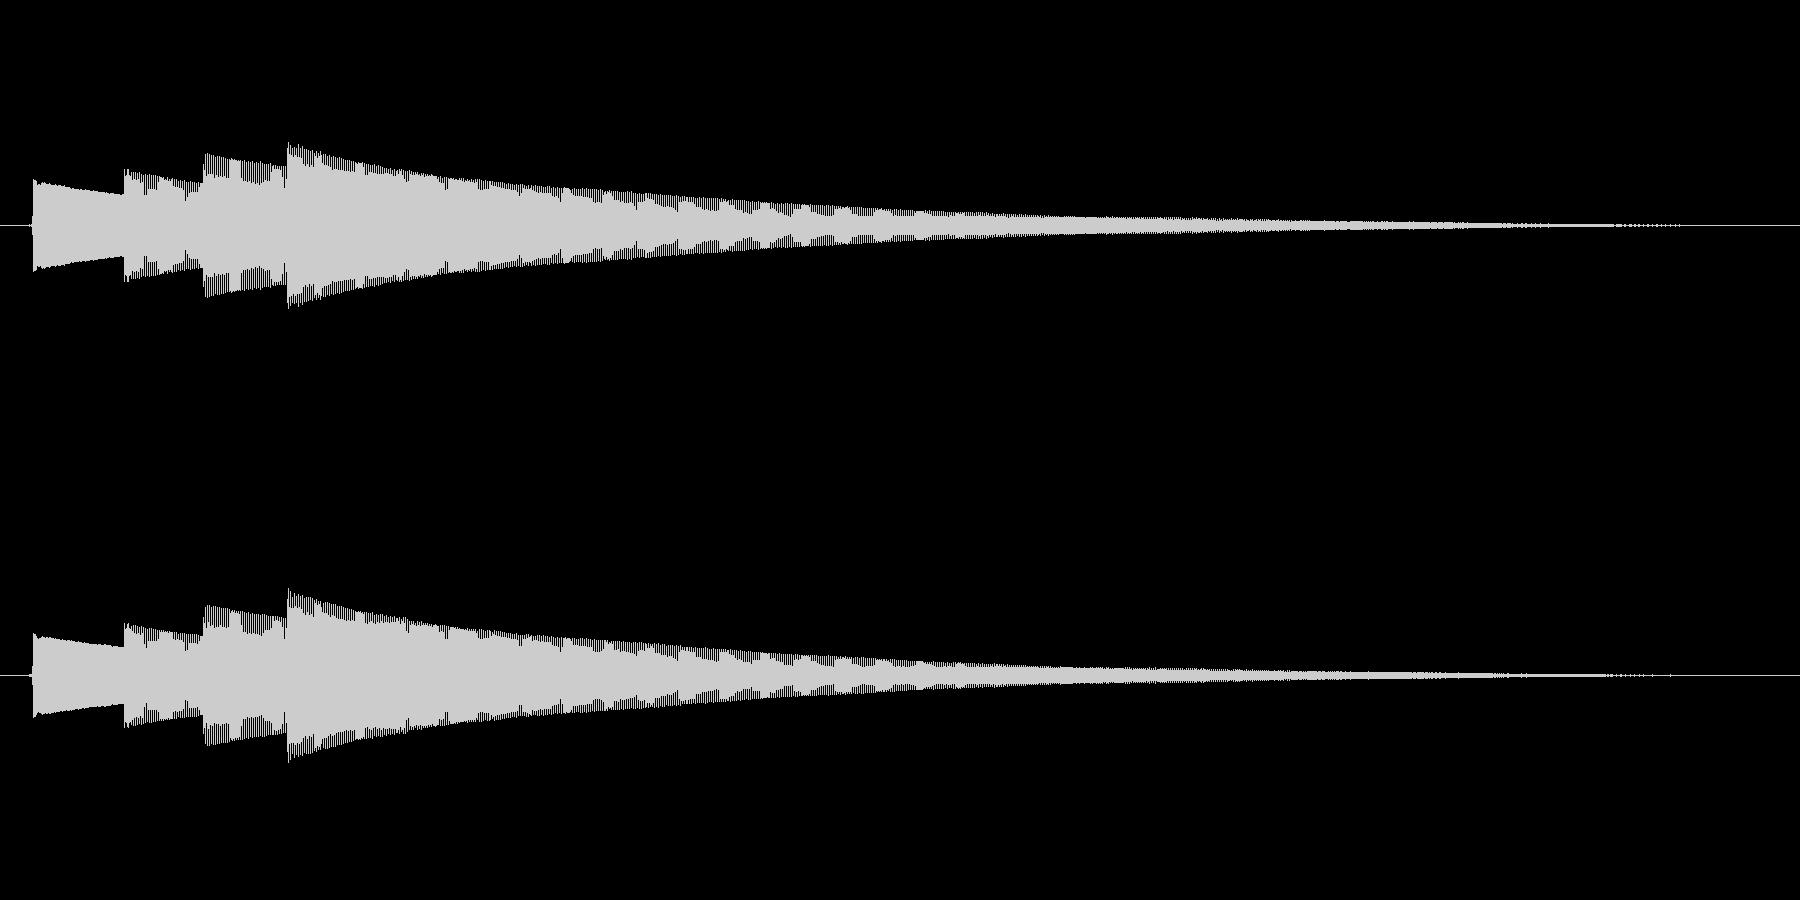 始めピンポンパンポン (ゆっくり)の未再生の波形